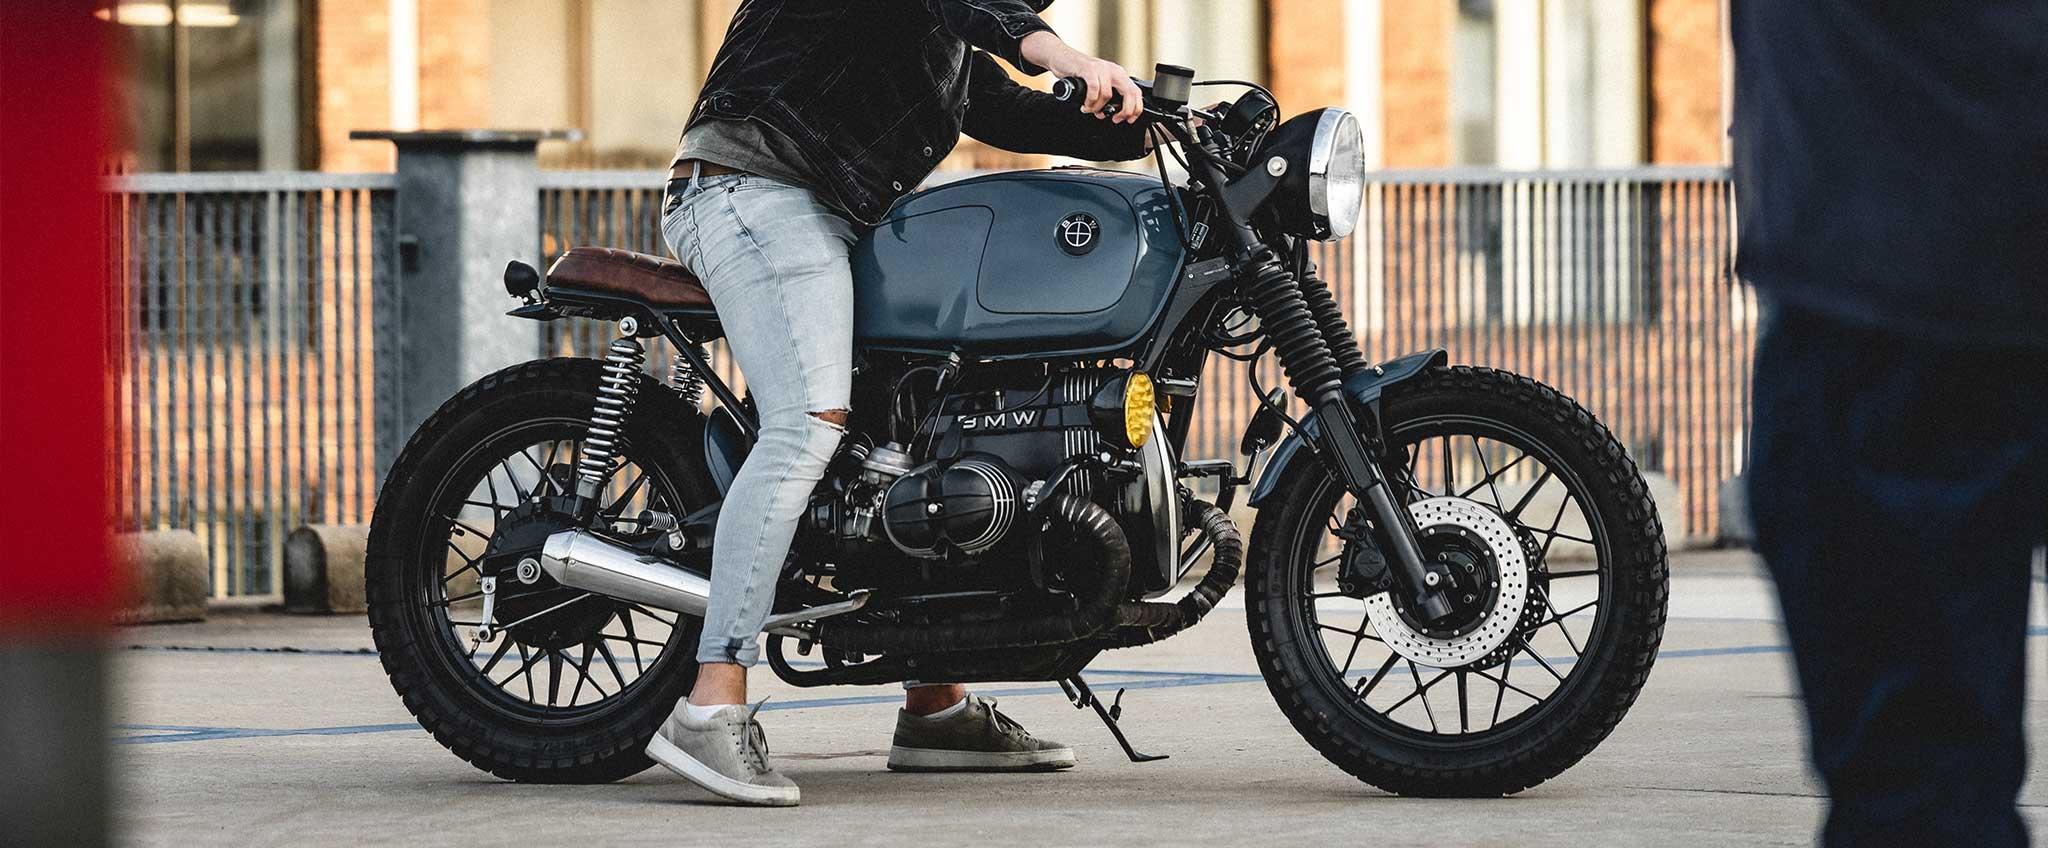 بهترین مارک موتور سیکلت